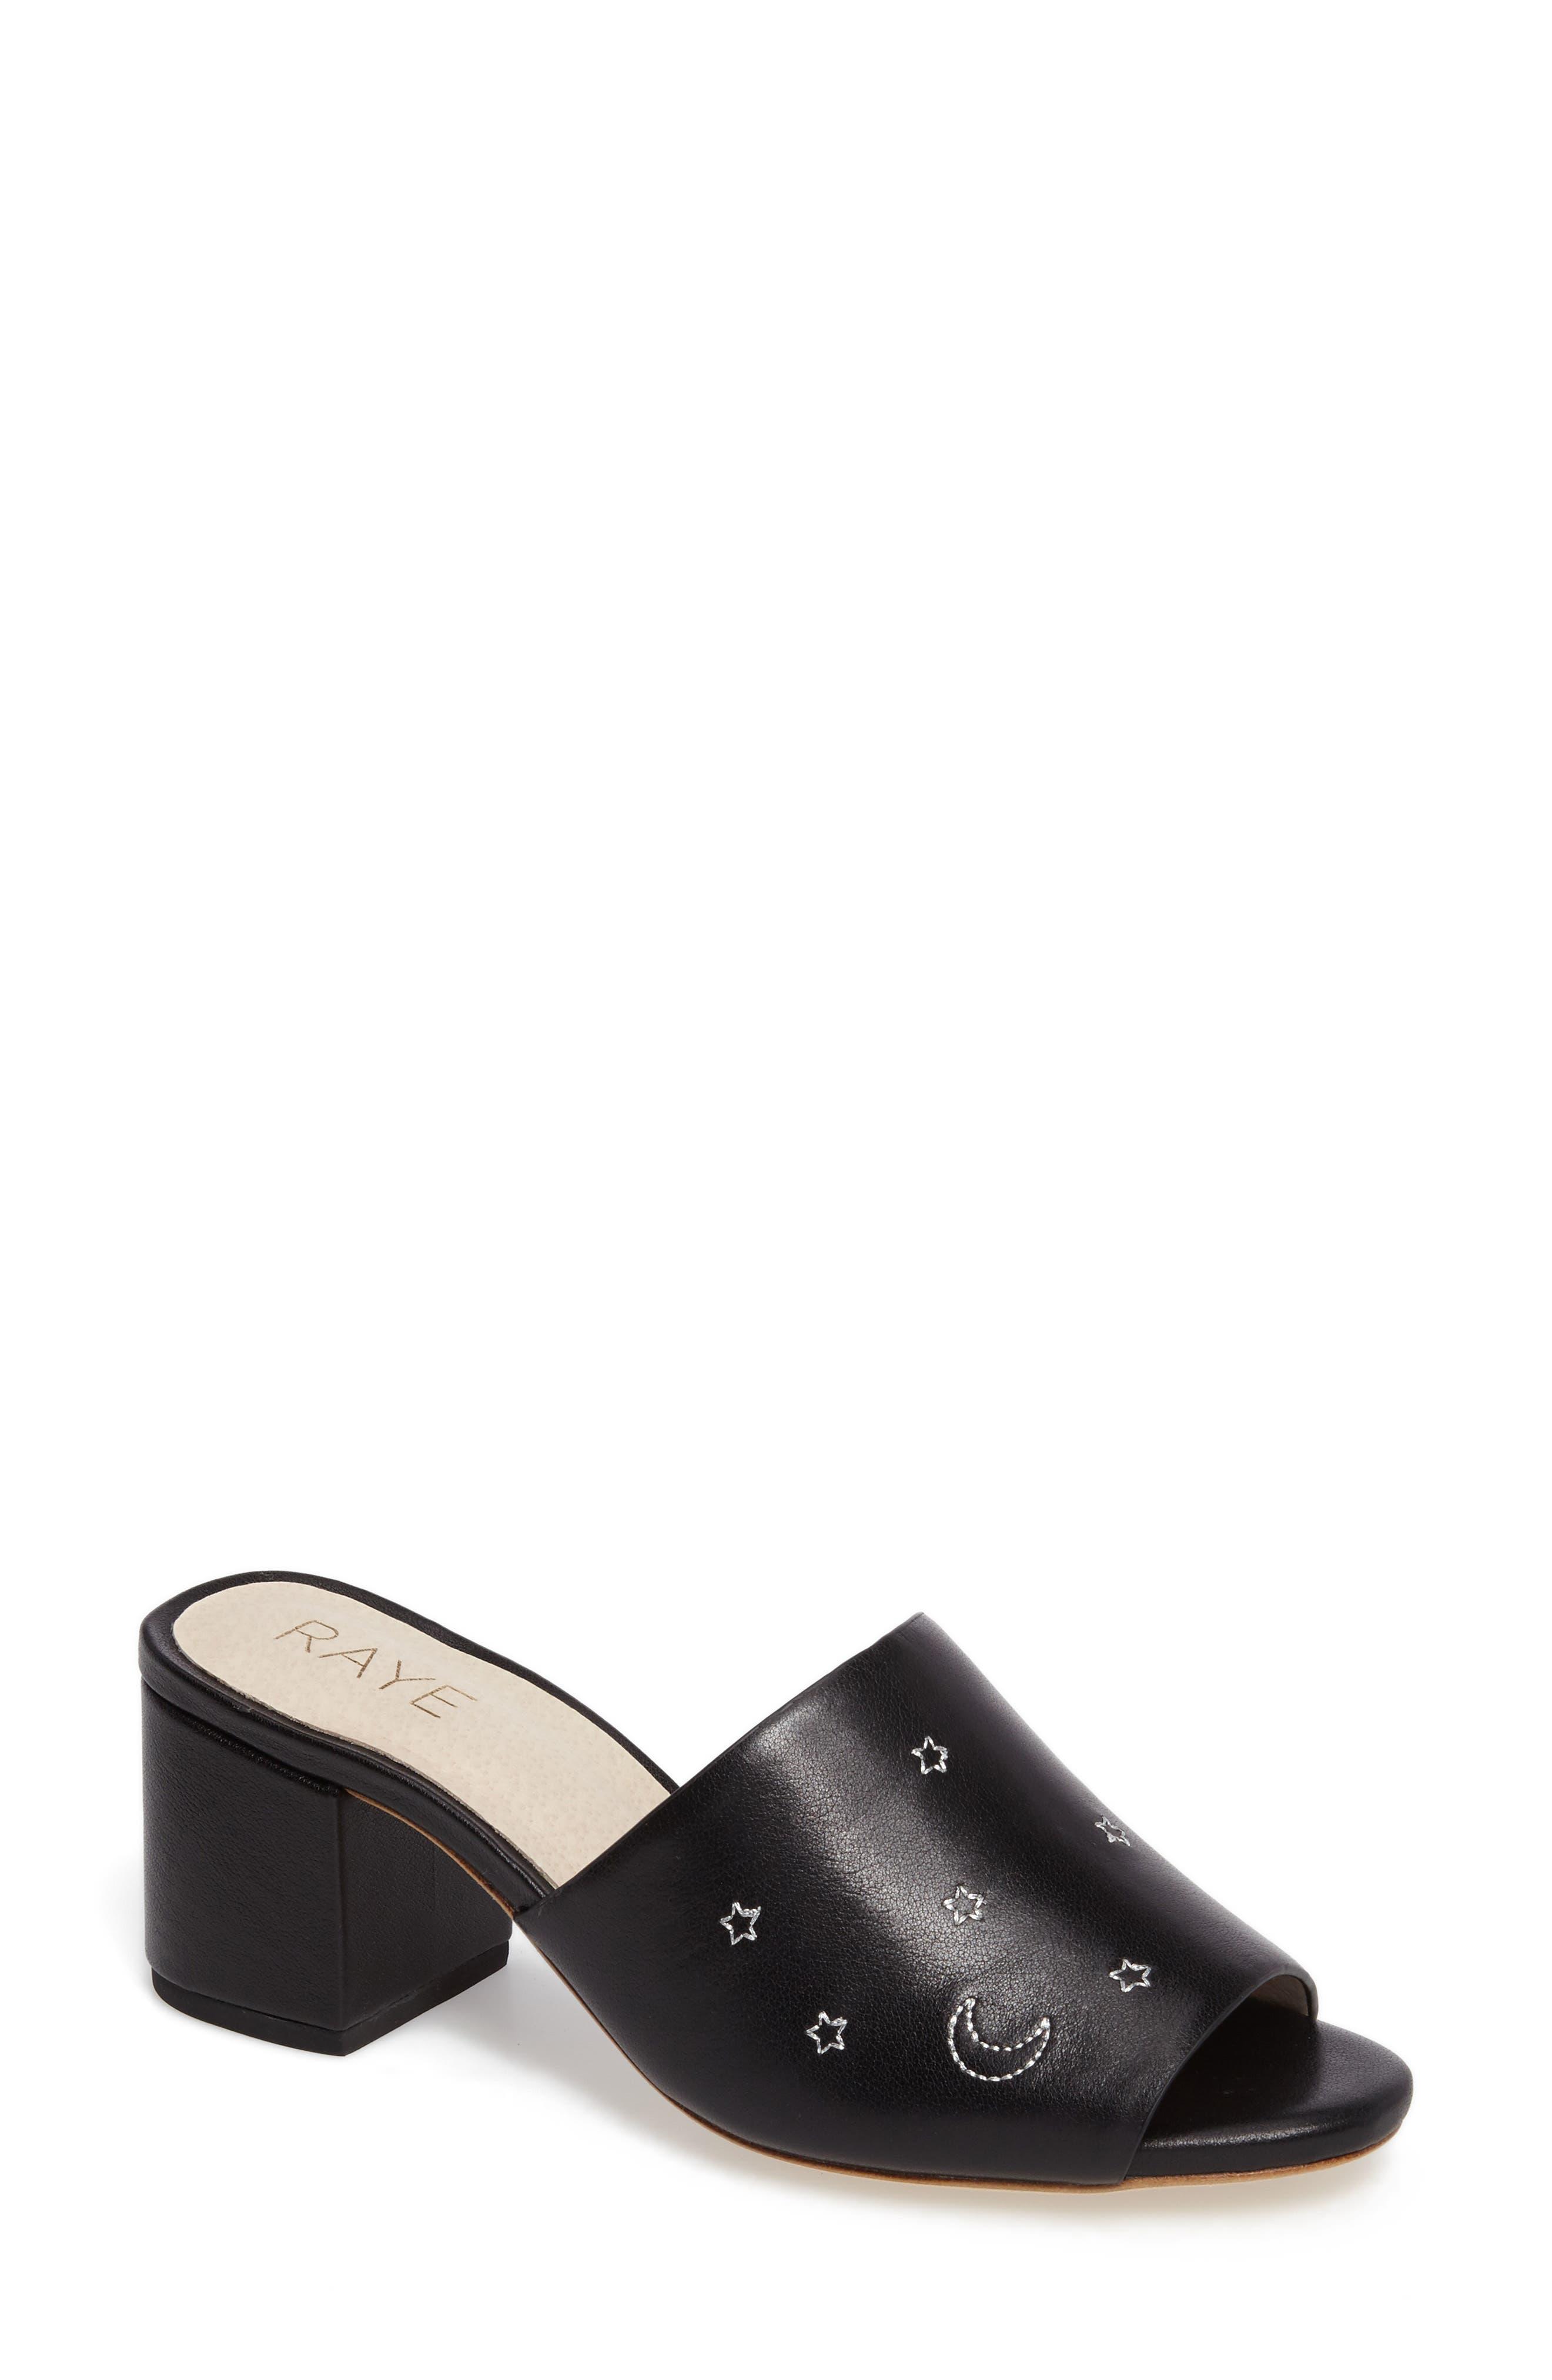 RAYE Cain Cosmos Slide Sandal (Women)